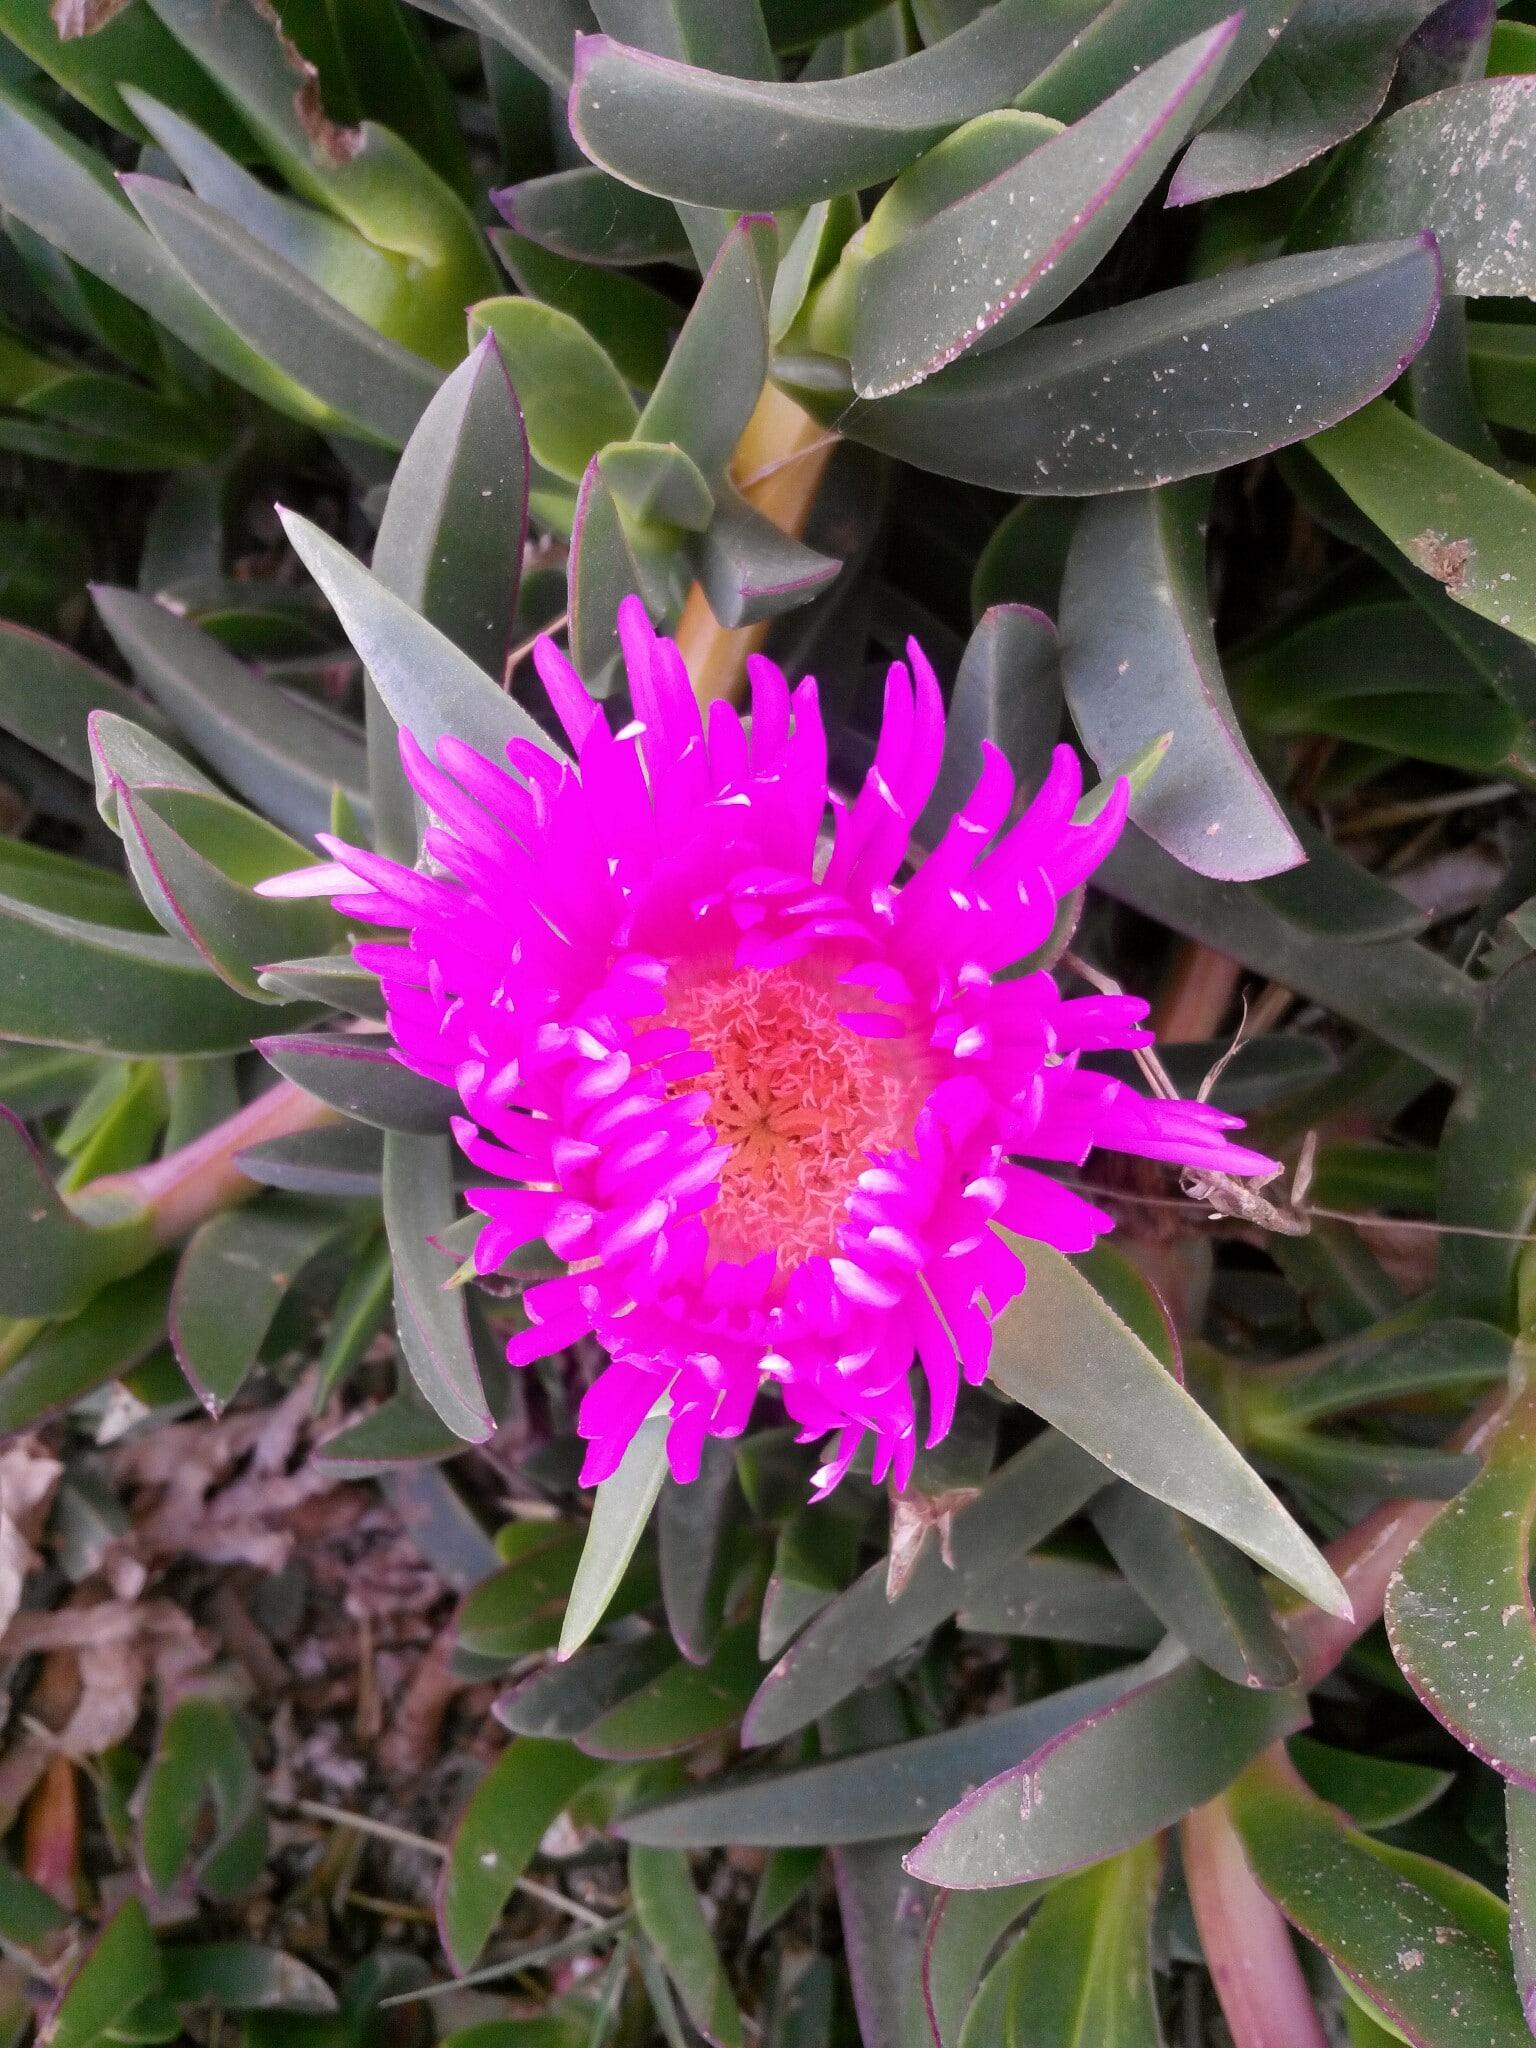 A flower near the beach